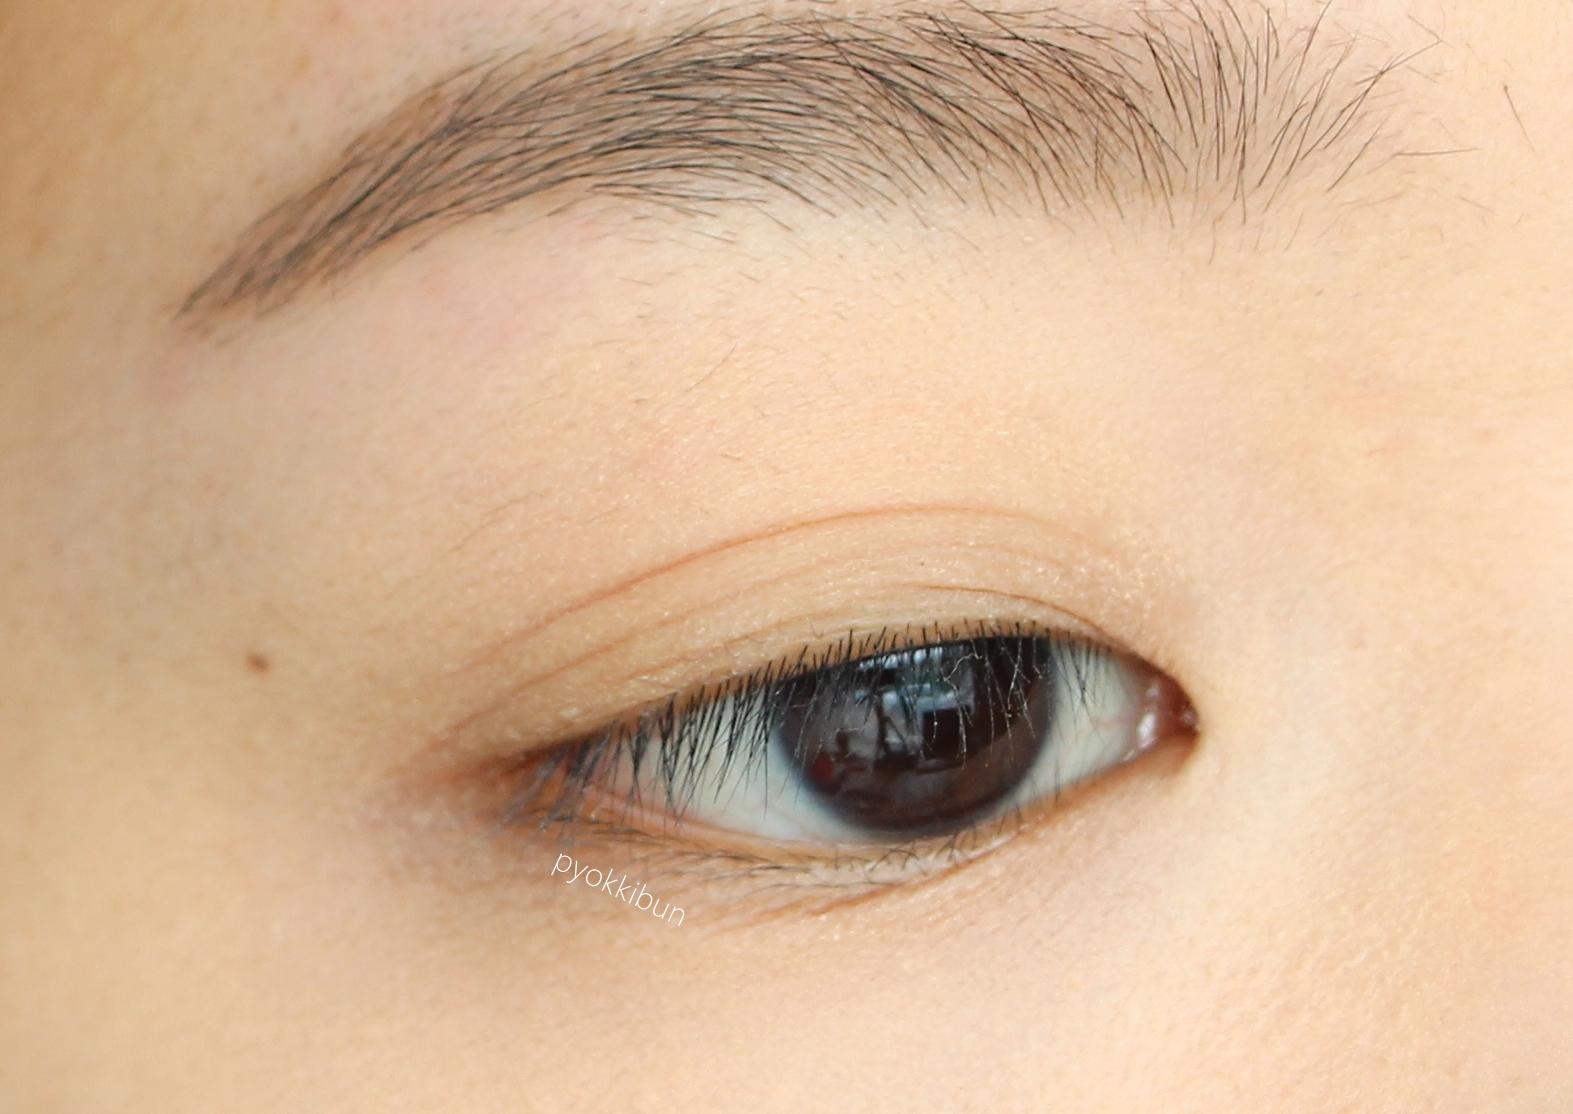 Simple yellow eye makeup - ♥ Pyokkibun